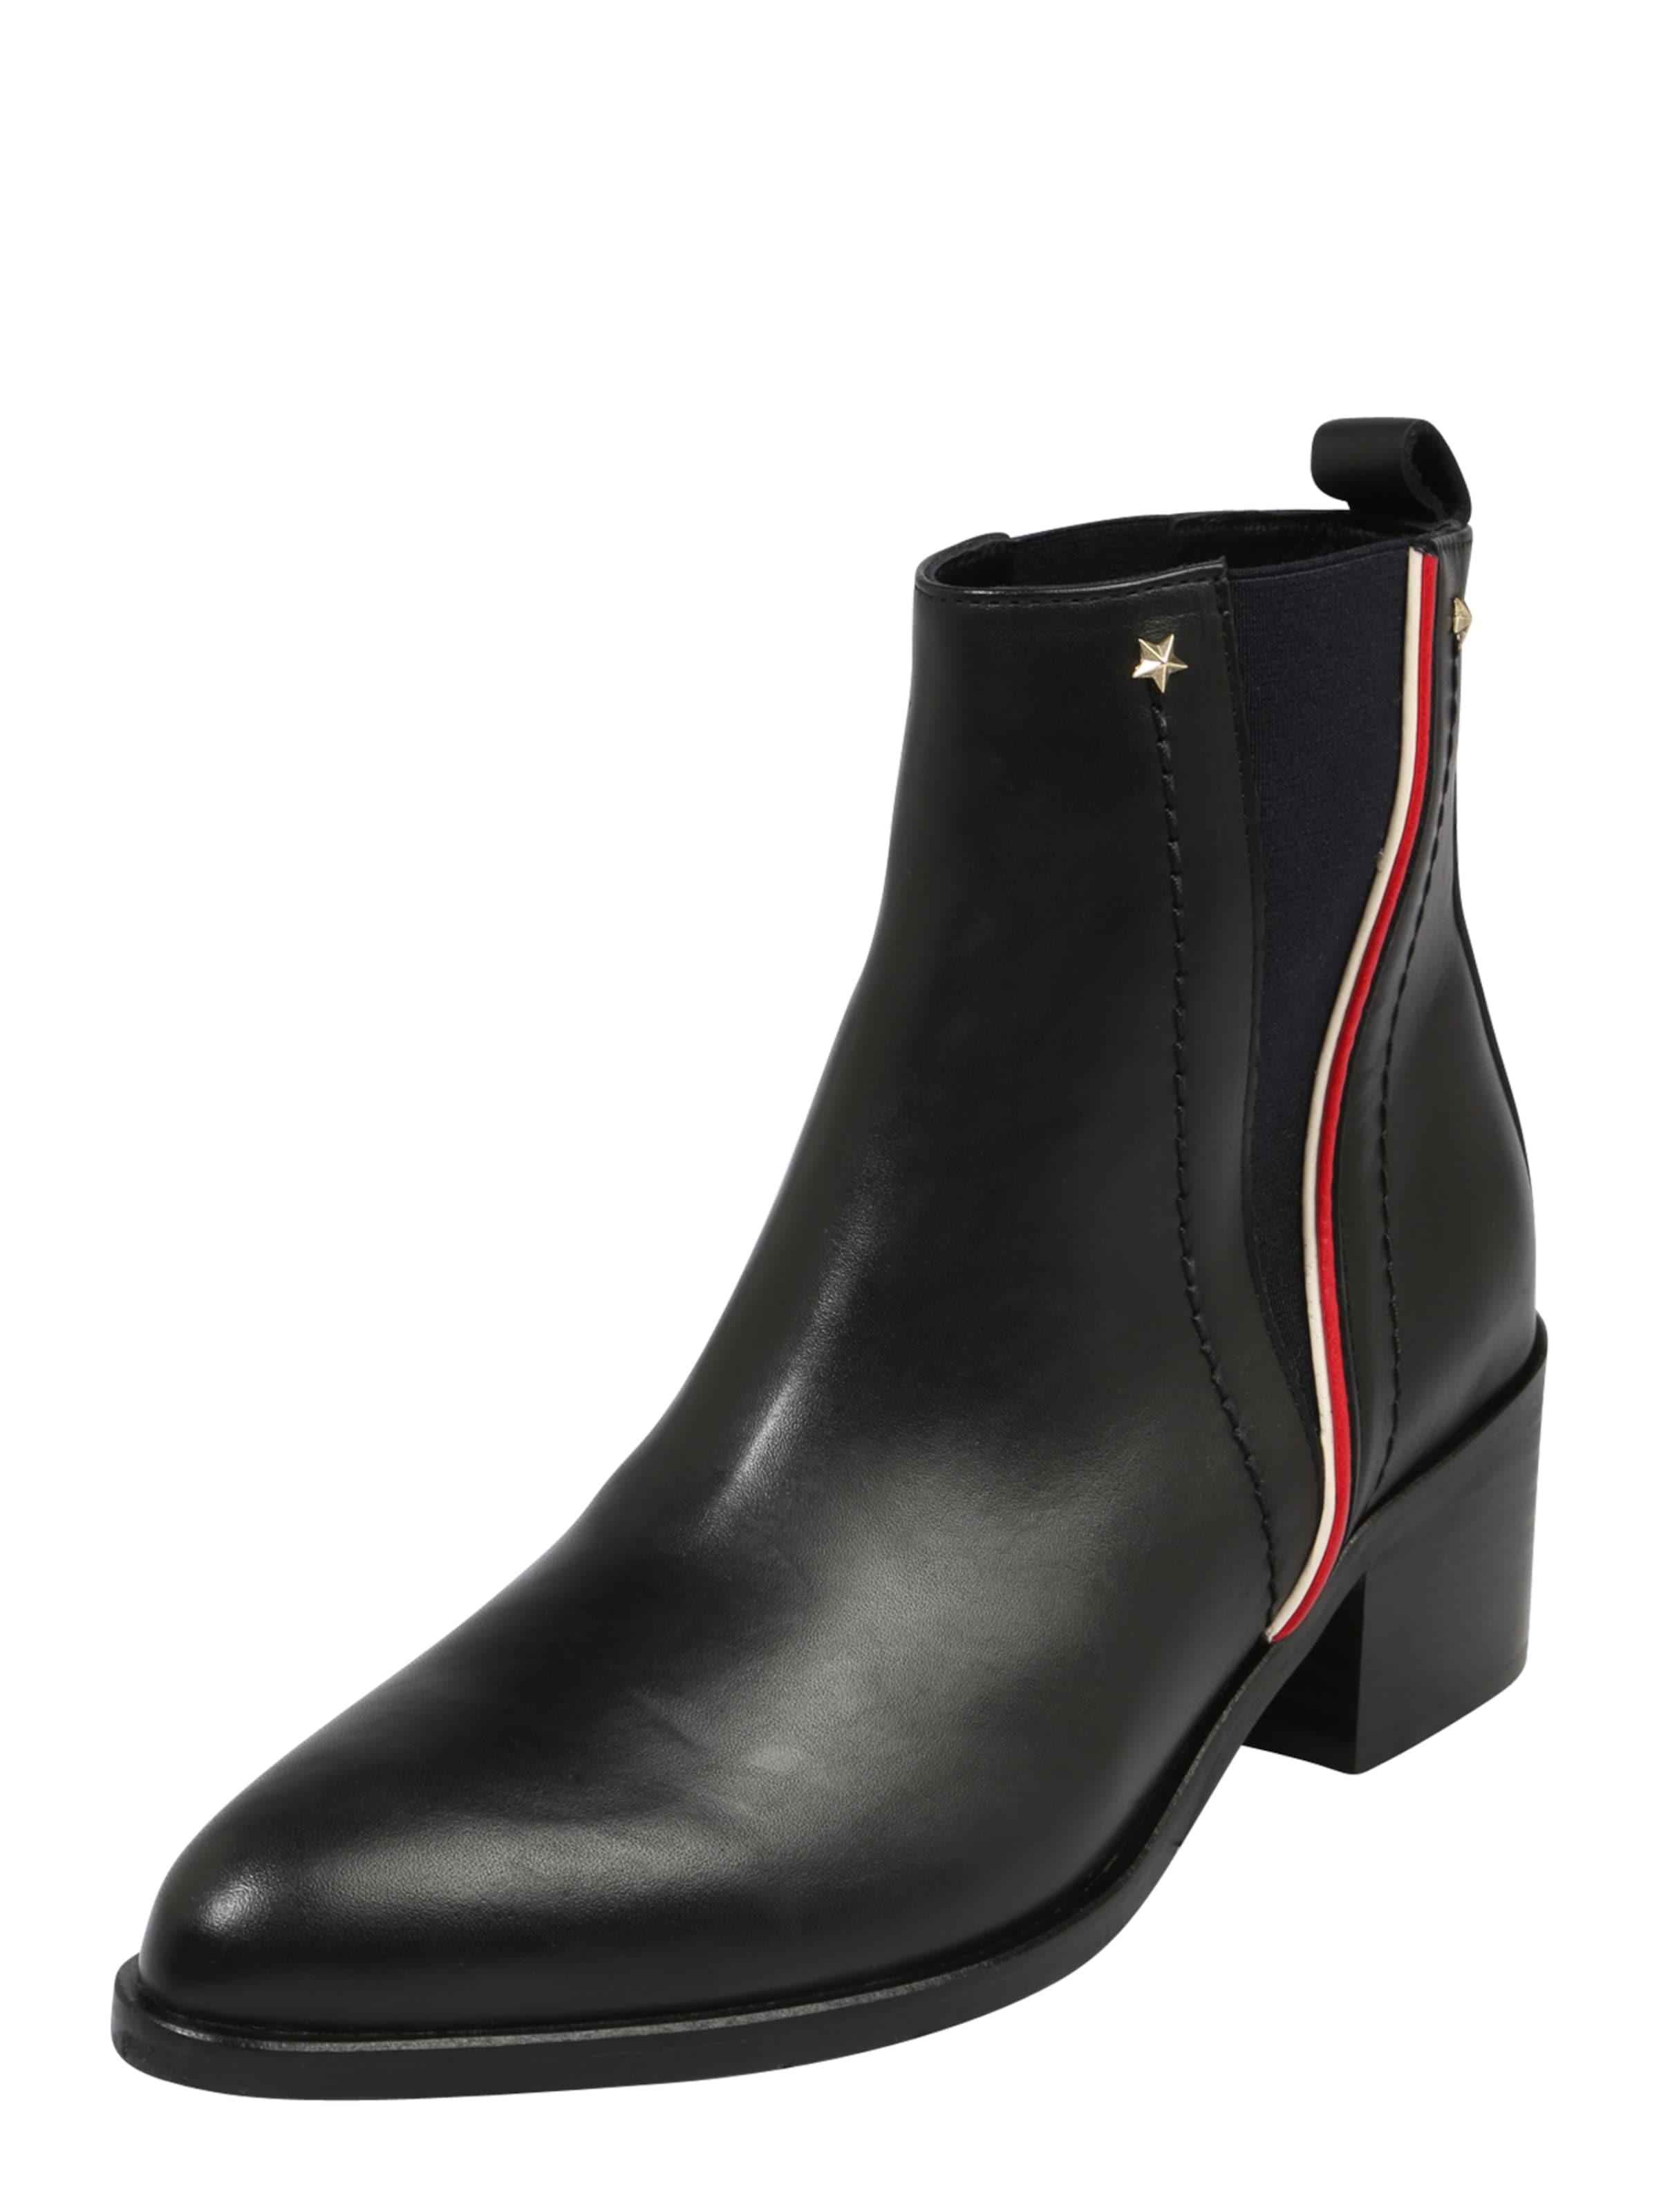 TOMMY HILFIGER Stiefel Zoe Verschleißfeste billige Schuhe